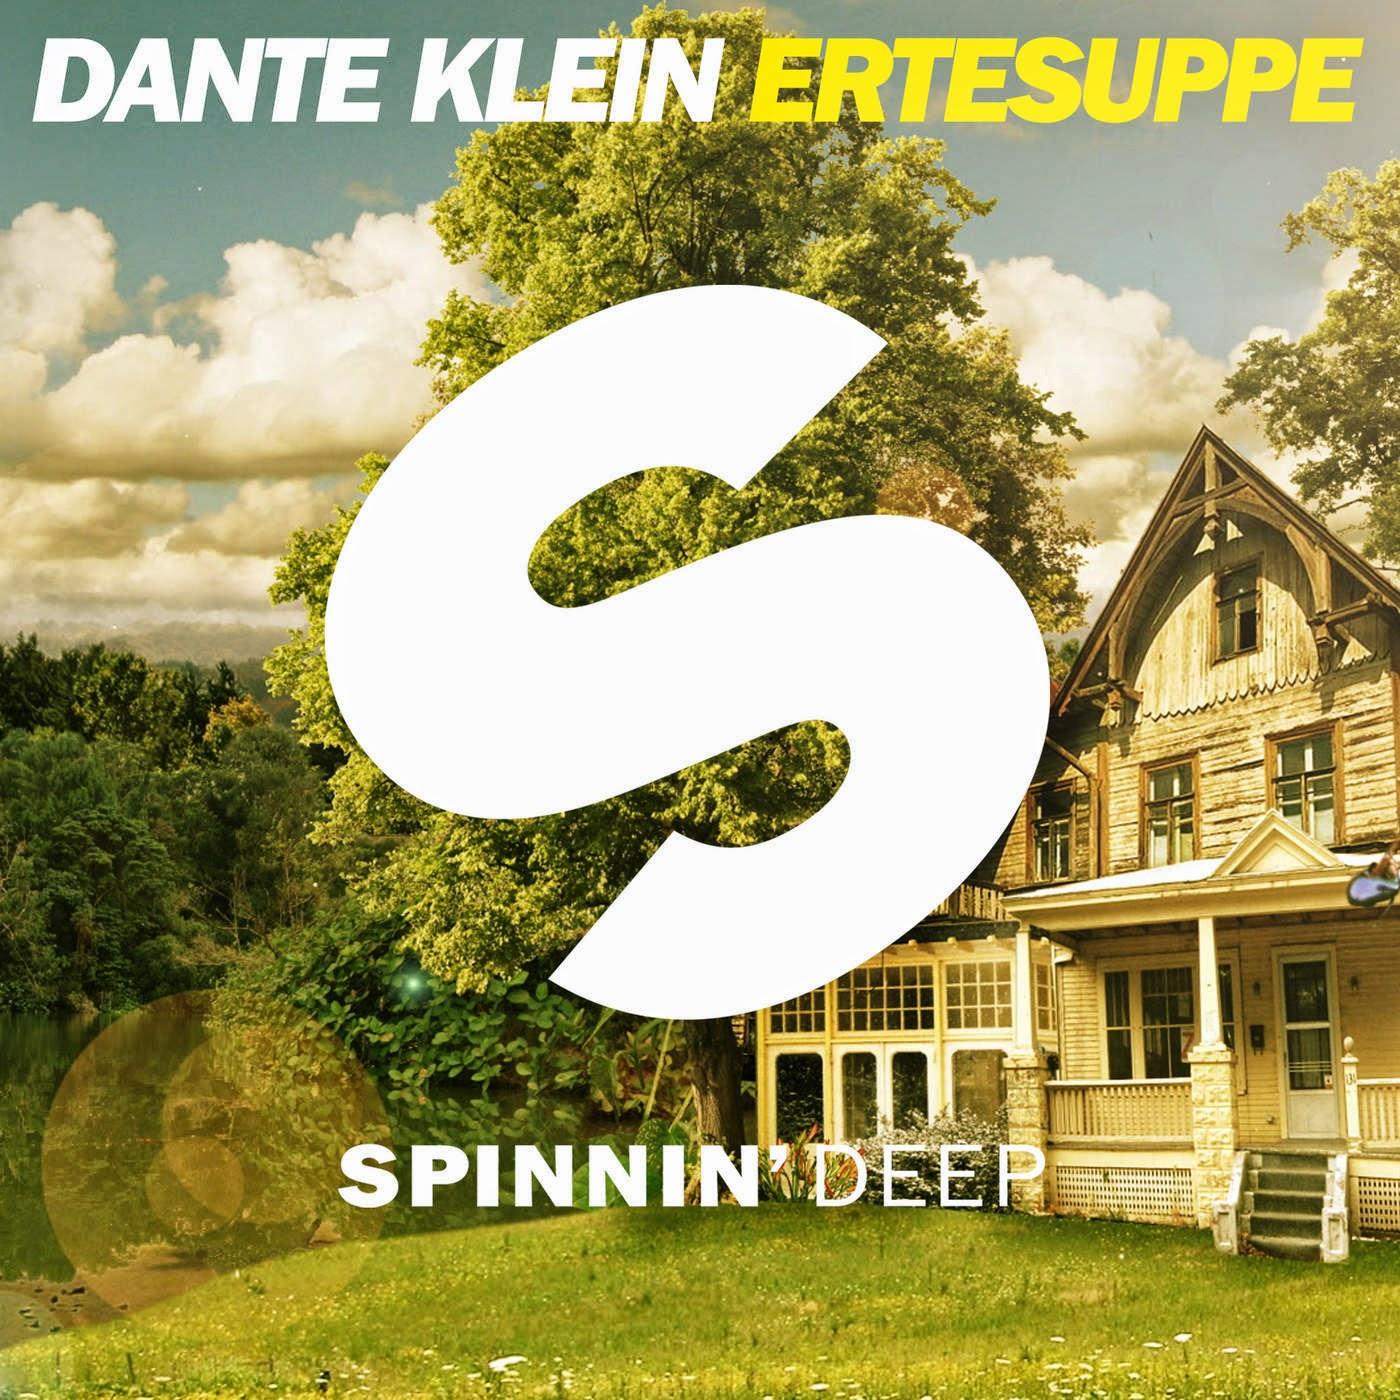 Dante Klein - Ertesuppe - Single Cover